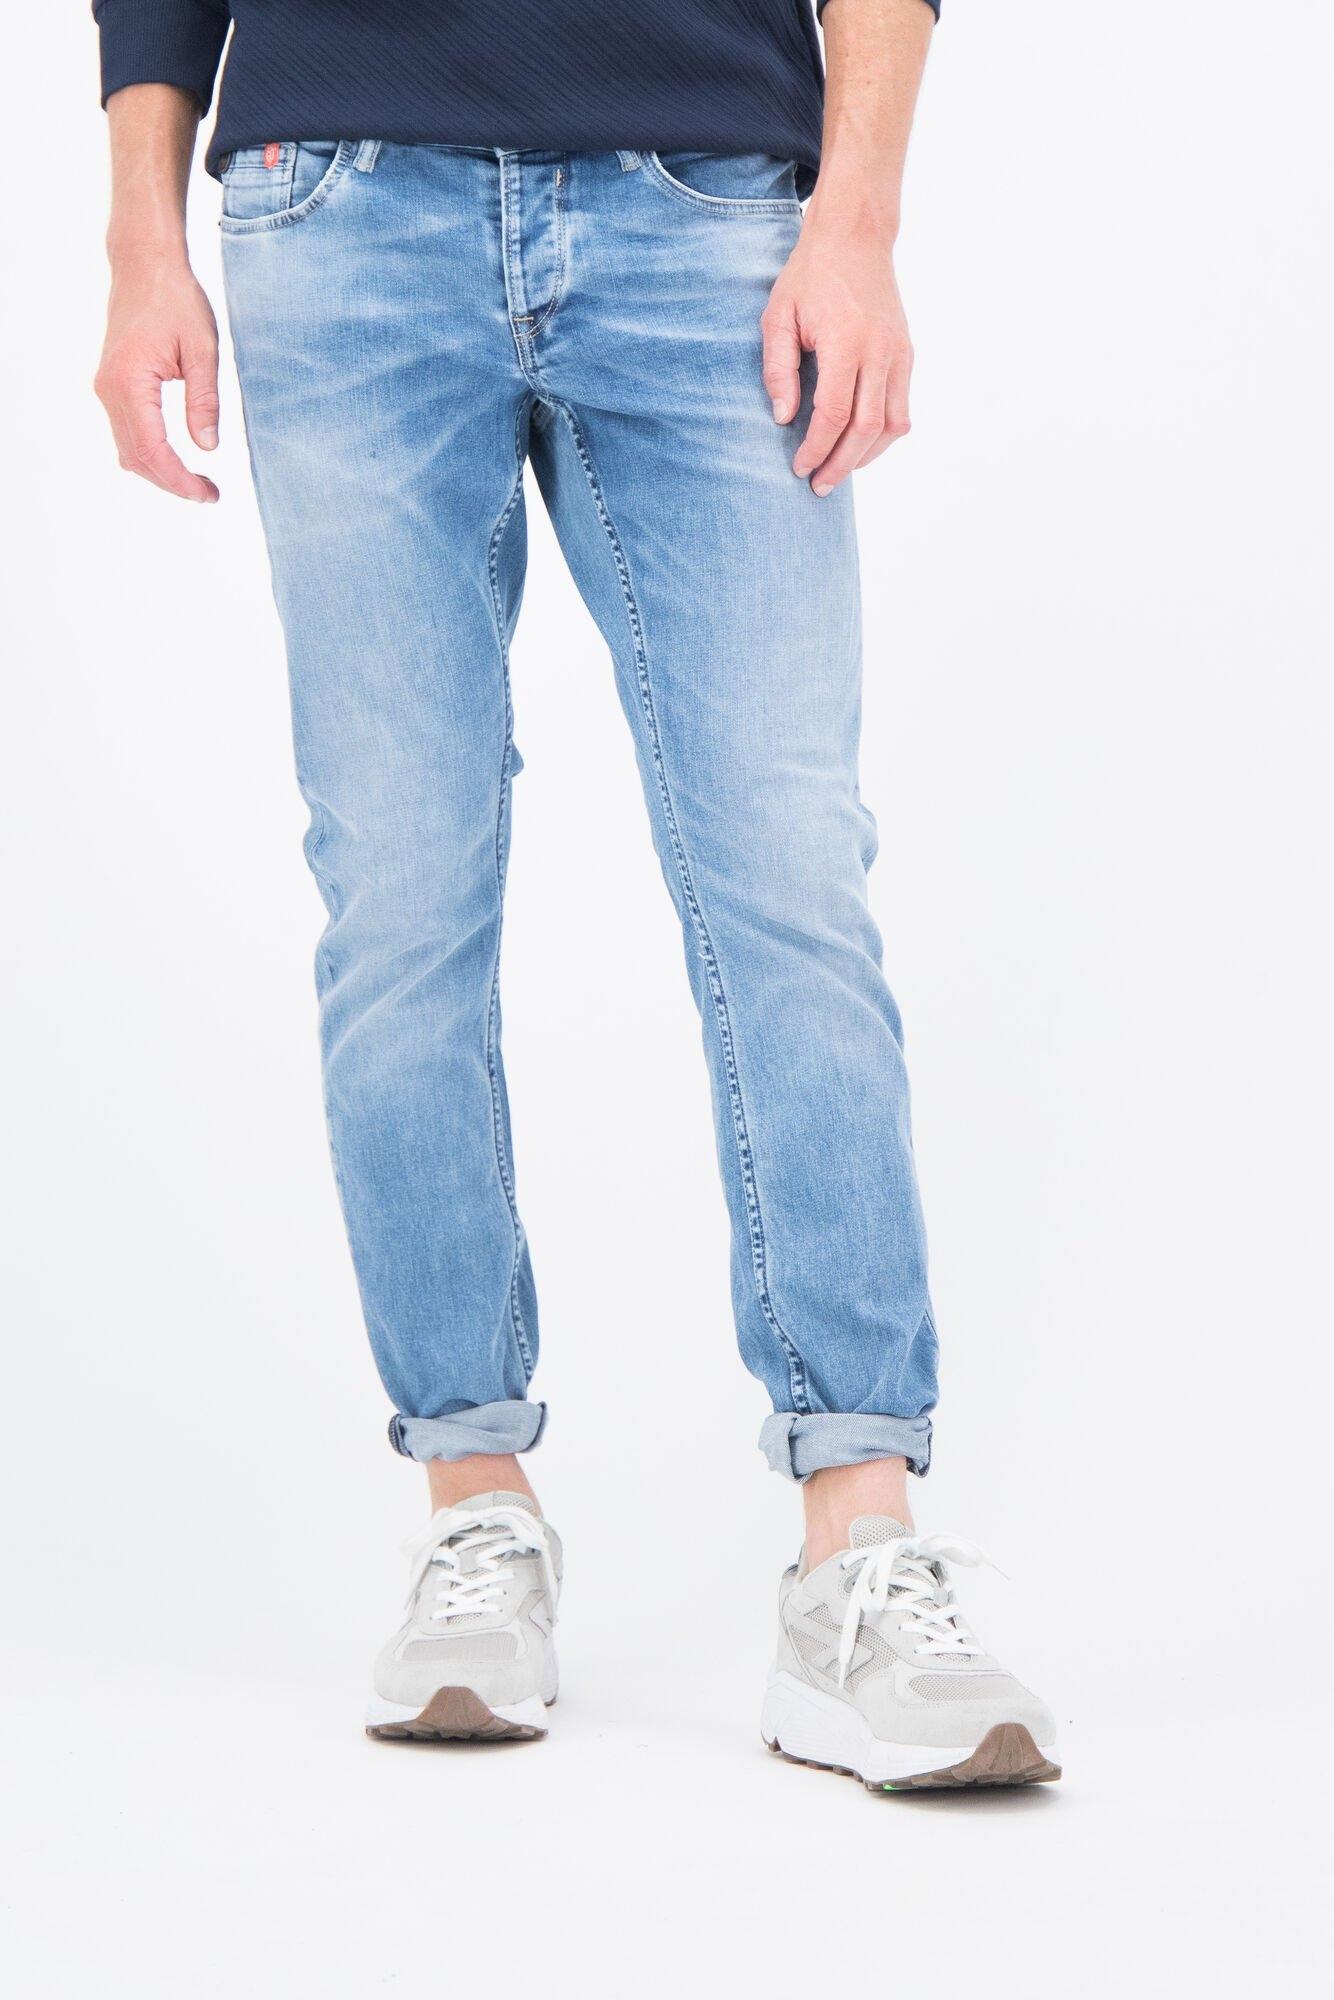 Garcia Slim fit jeans van Garcia veilig op otto.nl kopen